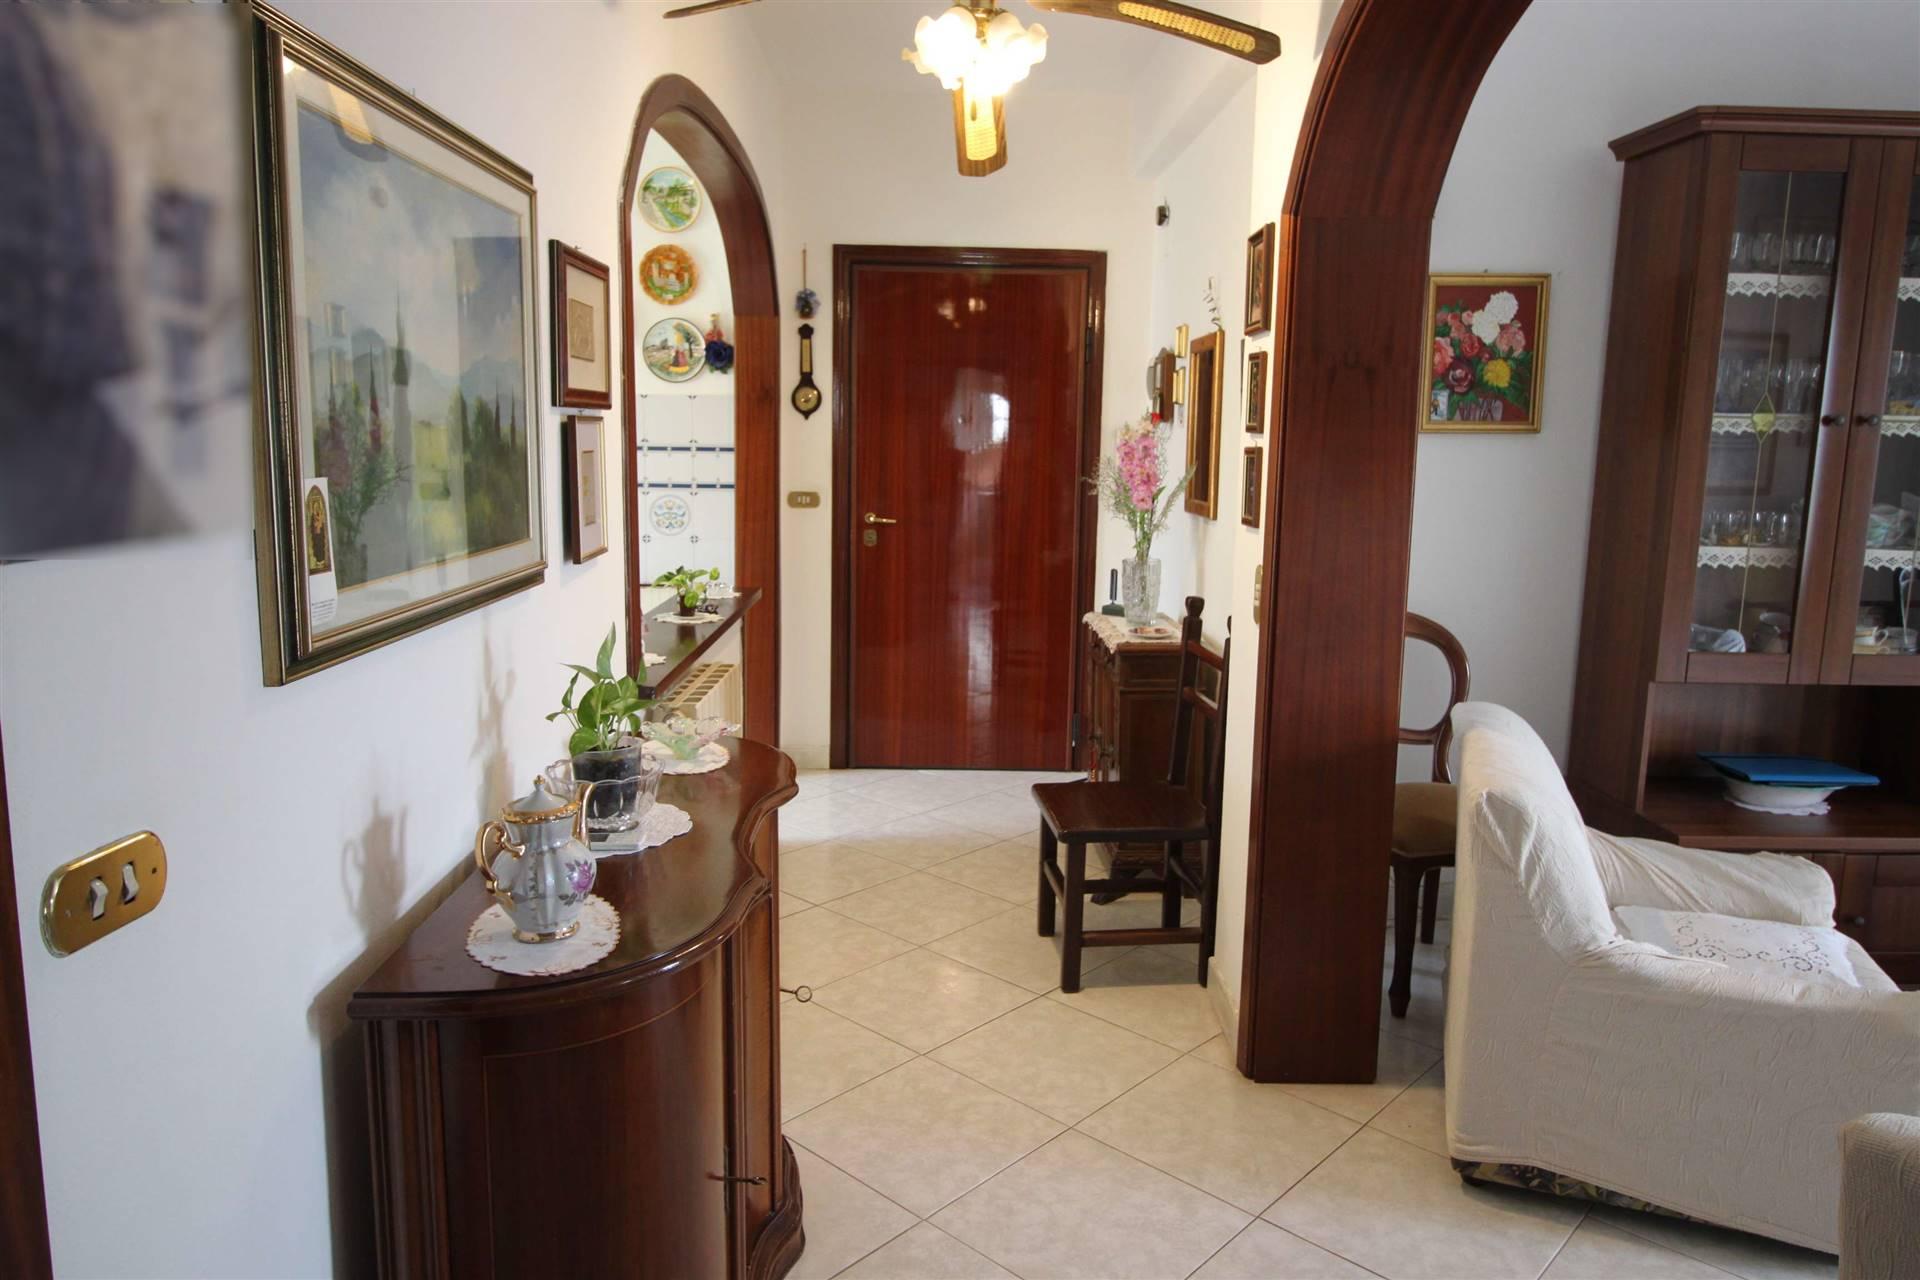 ZONA EUROPA - Via Monte Rosa 62 Piccola palazzina appartamento di ampia metratura al secondo ed ultimo piano s.a. composto di ingresso, cucina con ripostiglio e balcone di servizio, soggiorno ampio